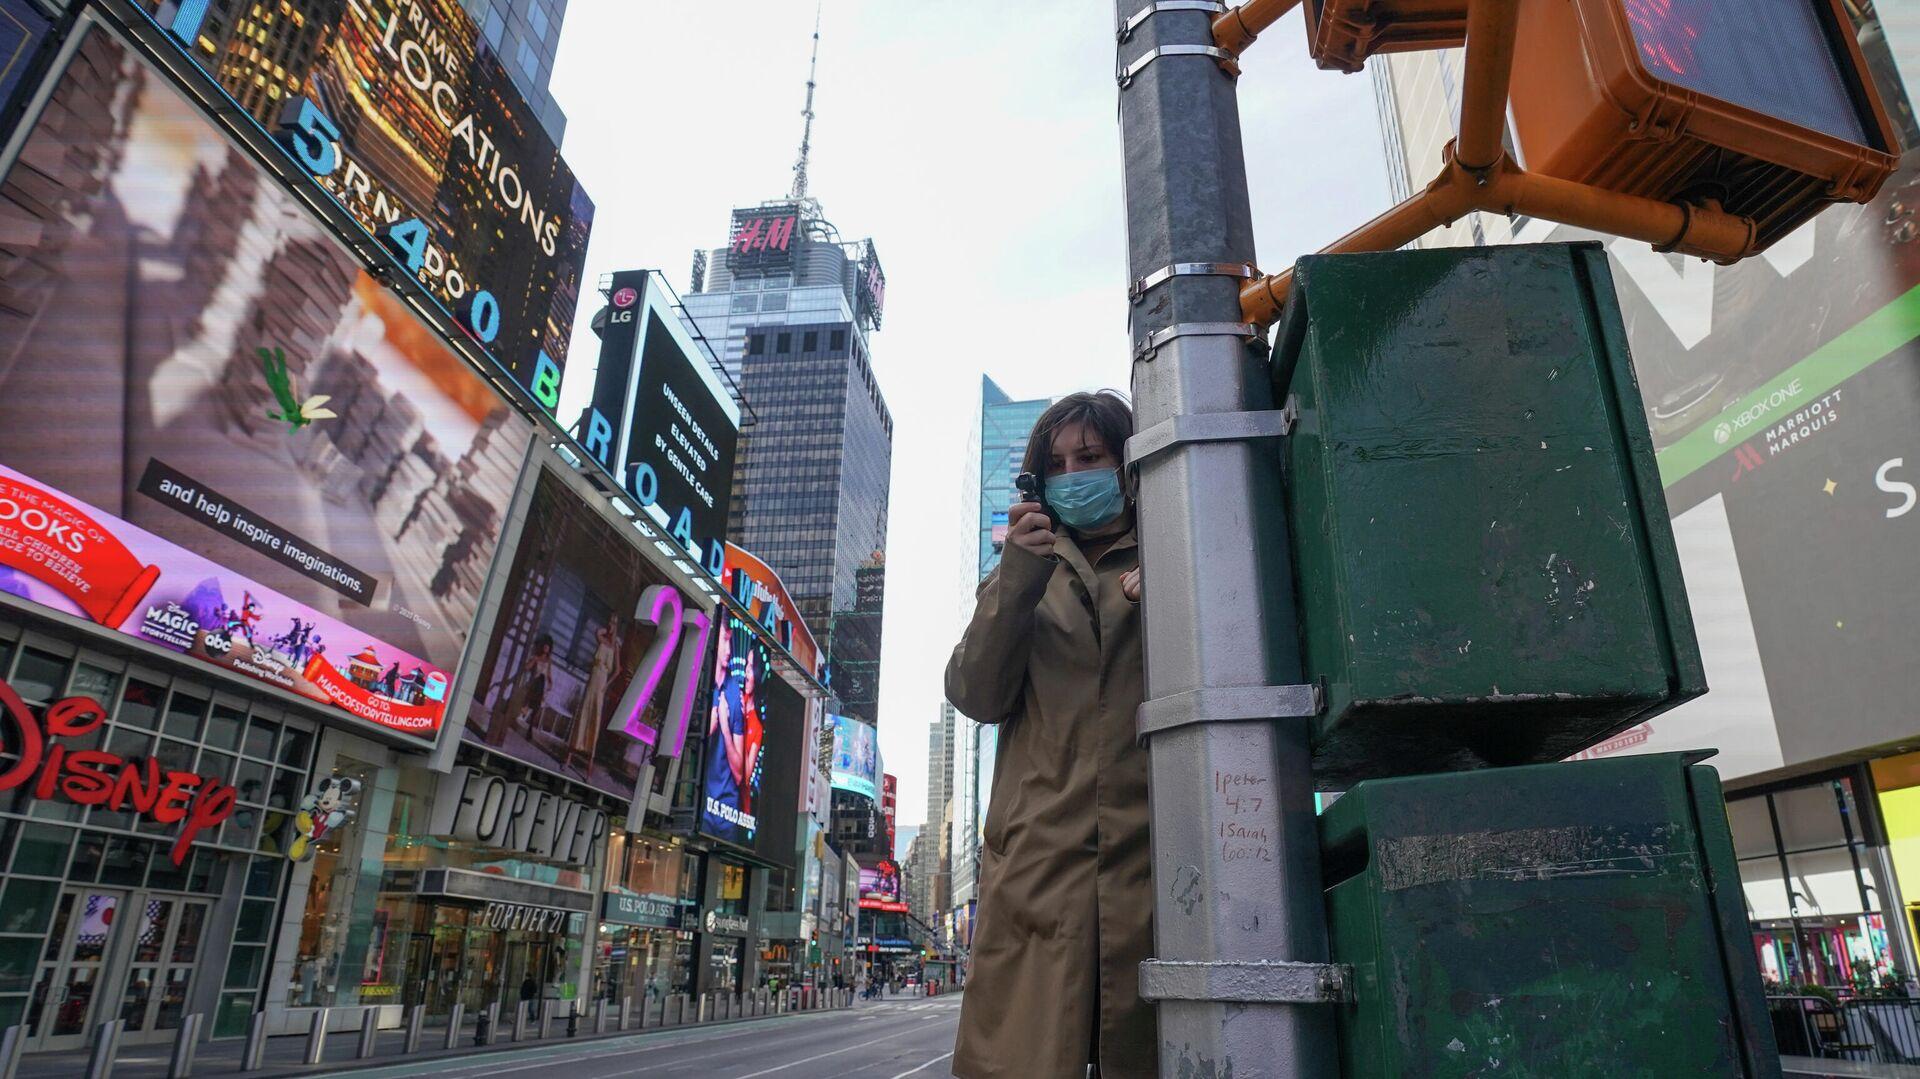 Una persona en mascarilla en las calles vacías de Nueva York - Sputnik Mundo, 1920, 26.03.2021